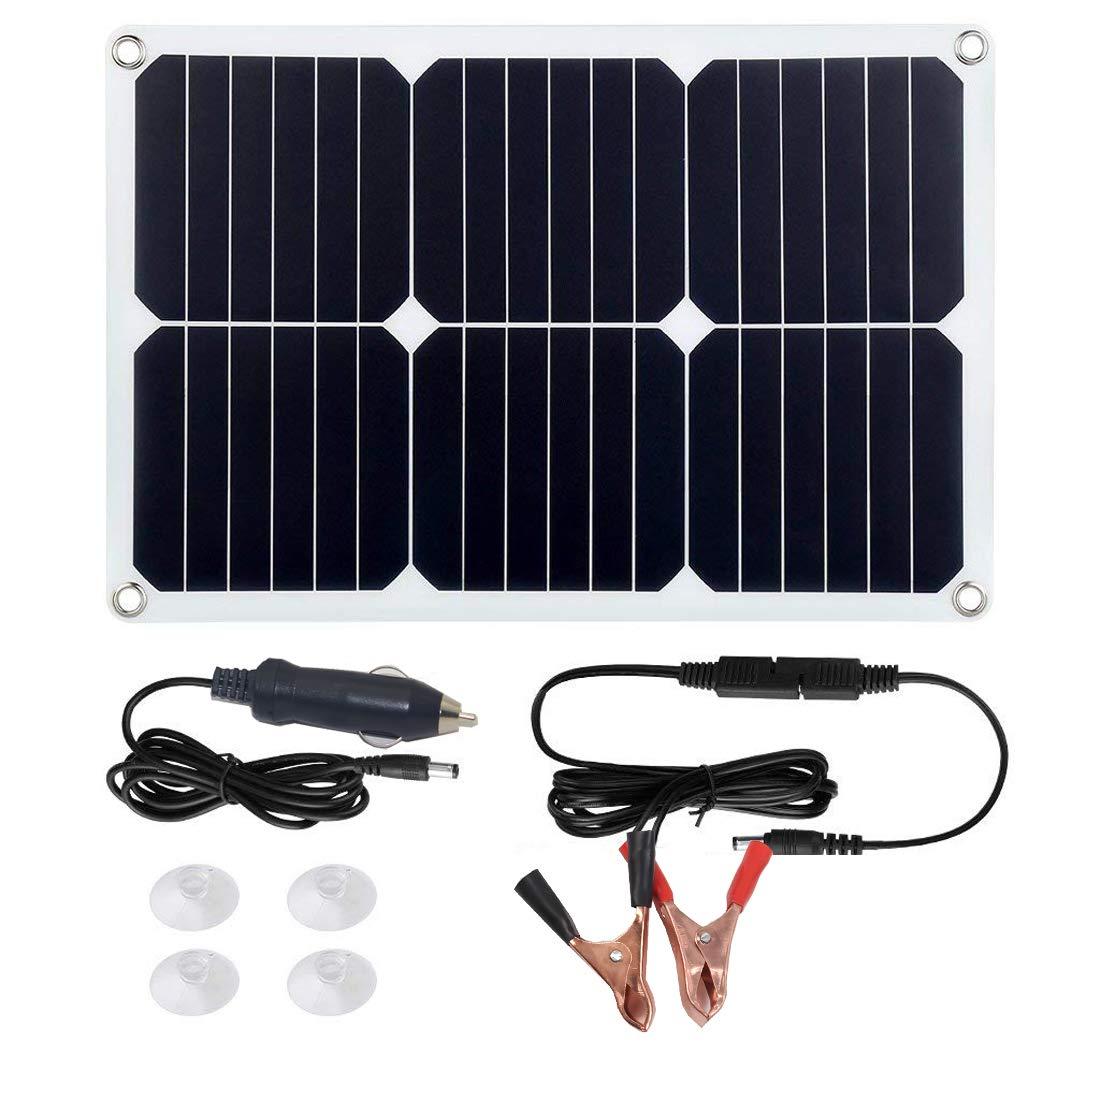 Betop-camp Pannello Solare Portatile 18 Volt 18 Watt Spina accendisigari Ventose manutentore per Auto Moto